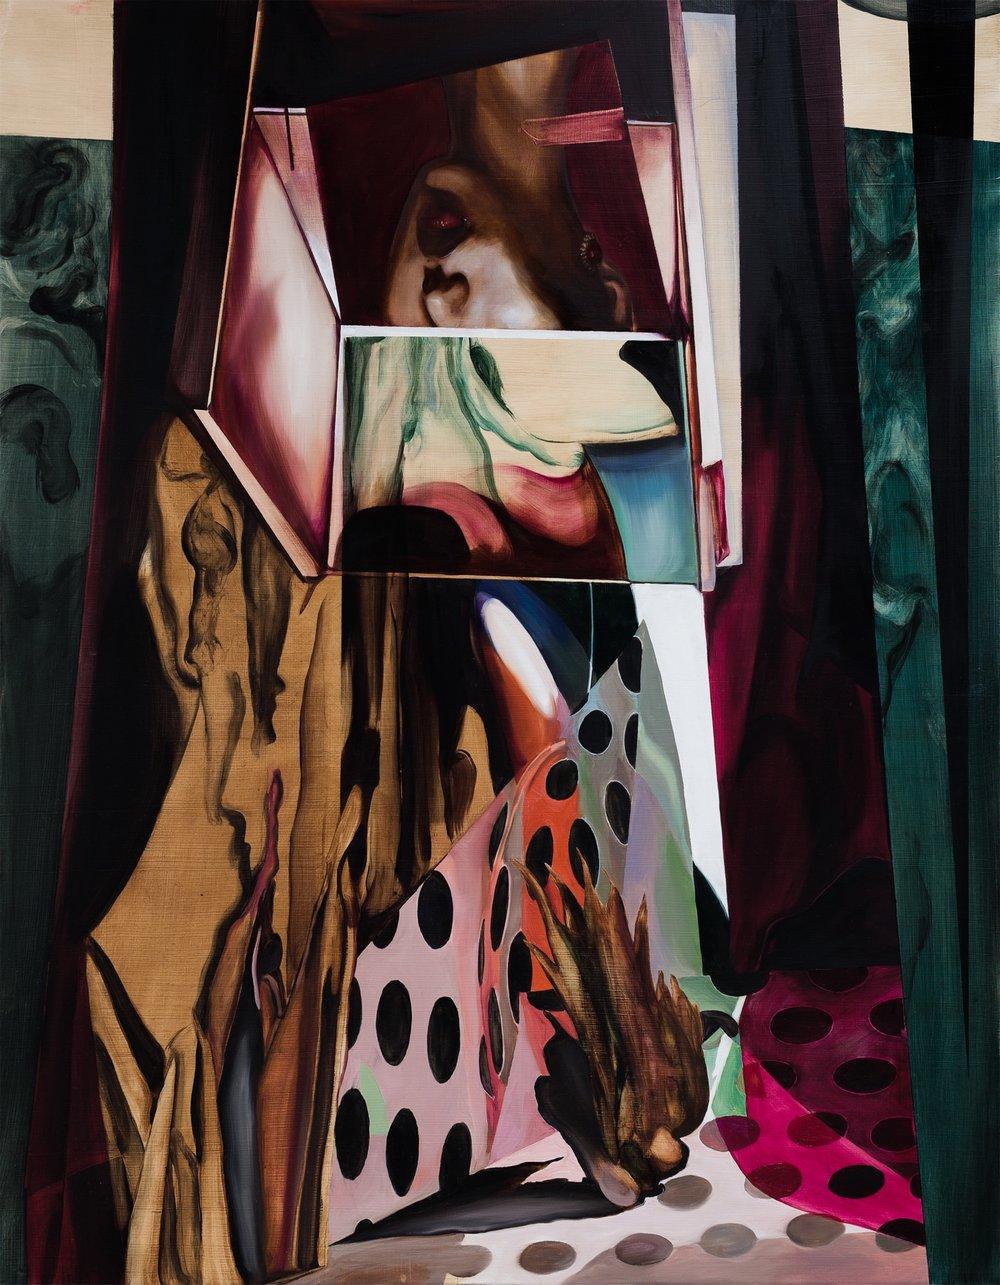 Images/ reflets dans l'eau , 2017  Oil on canvas  90 x 70 cm